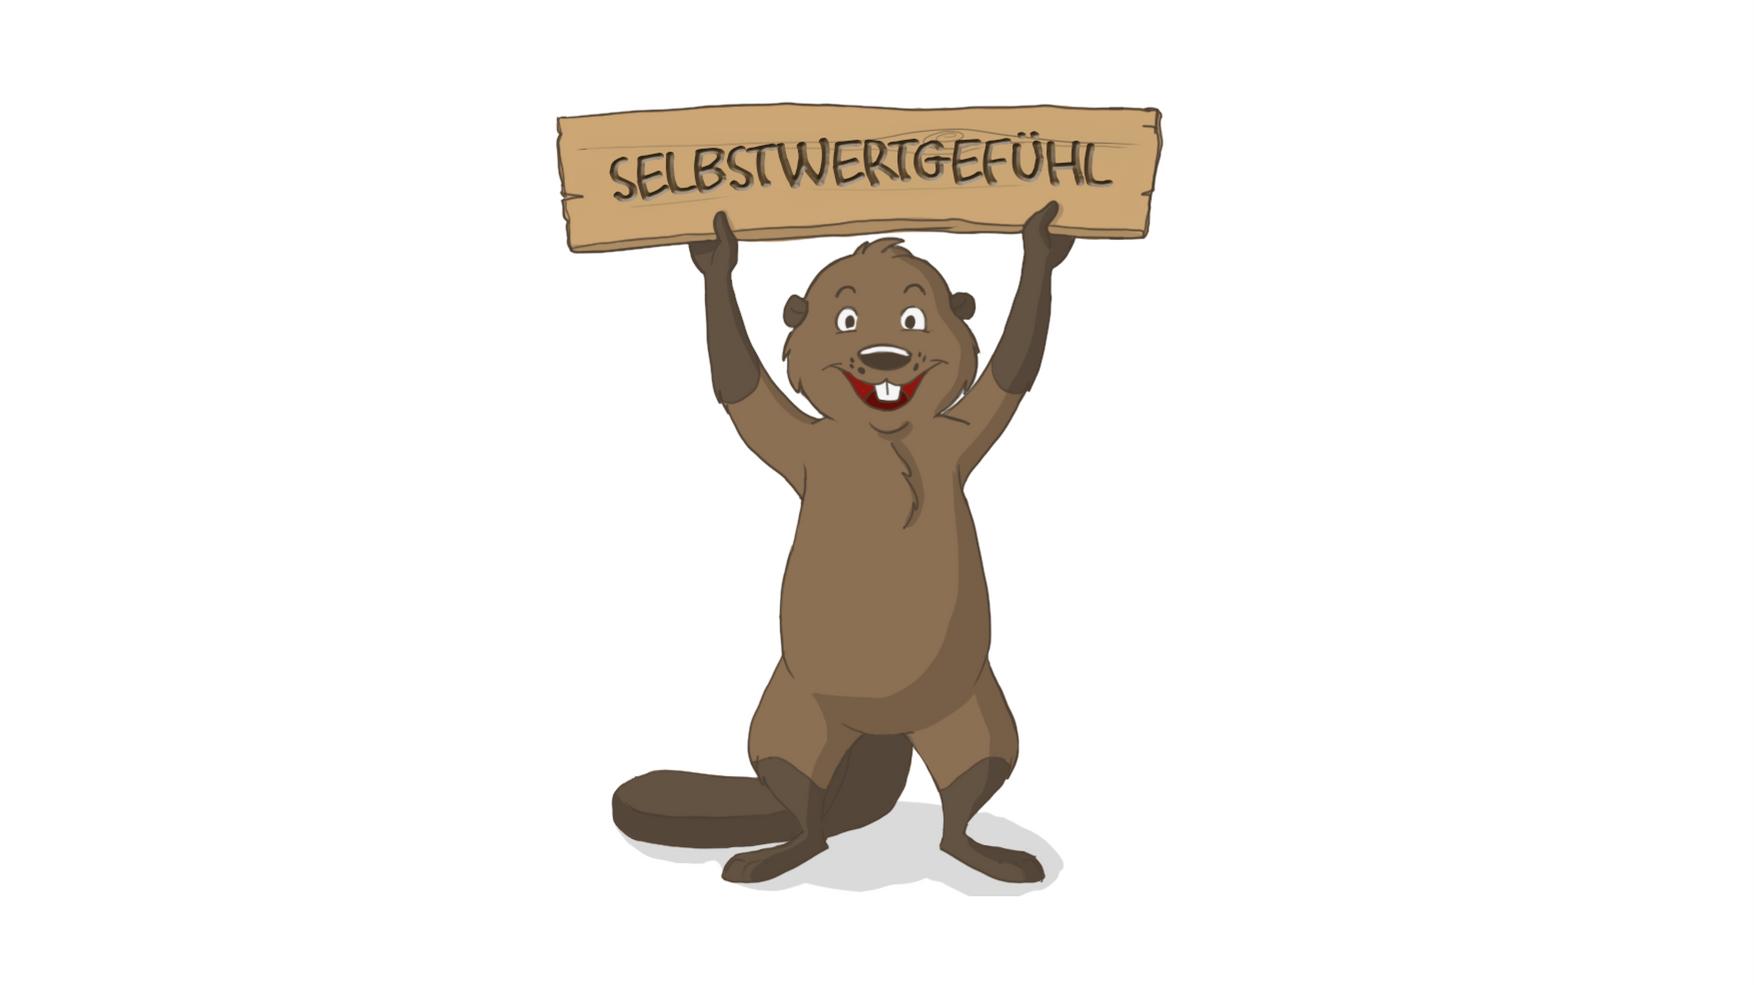 Verlieren will gelernt sein - Biber-BlogBiber-Blog